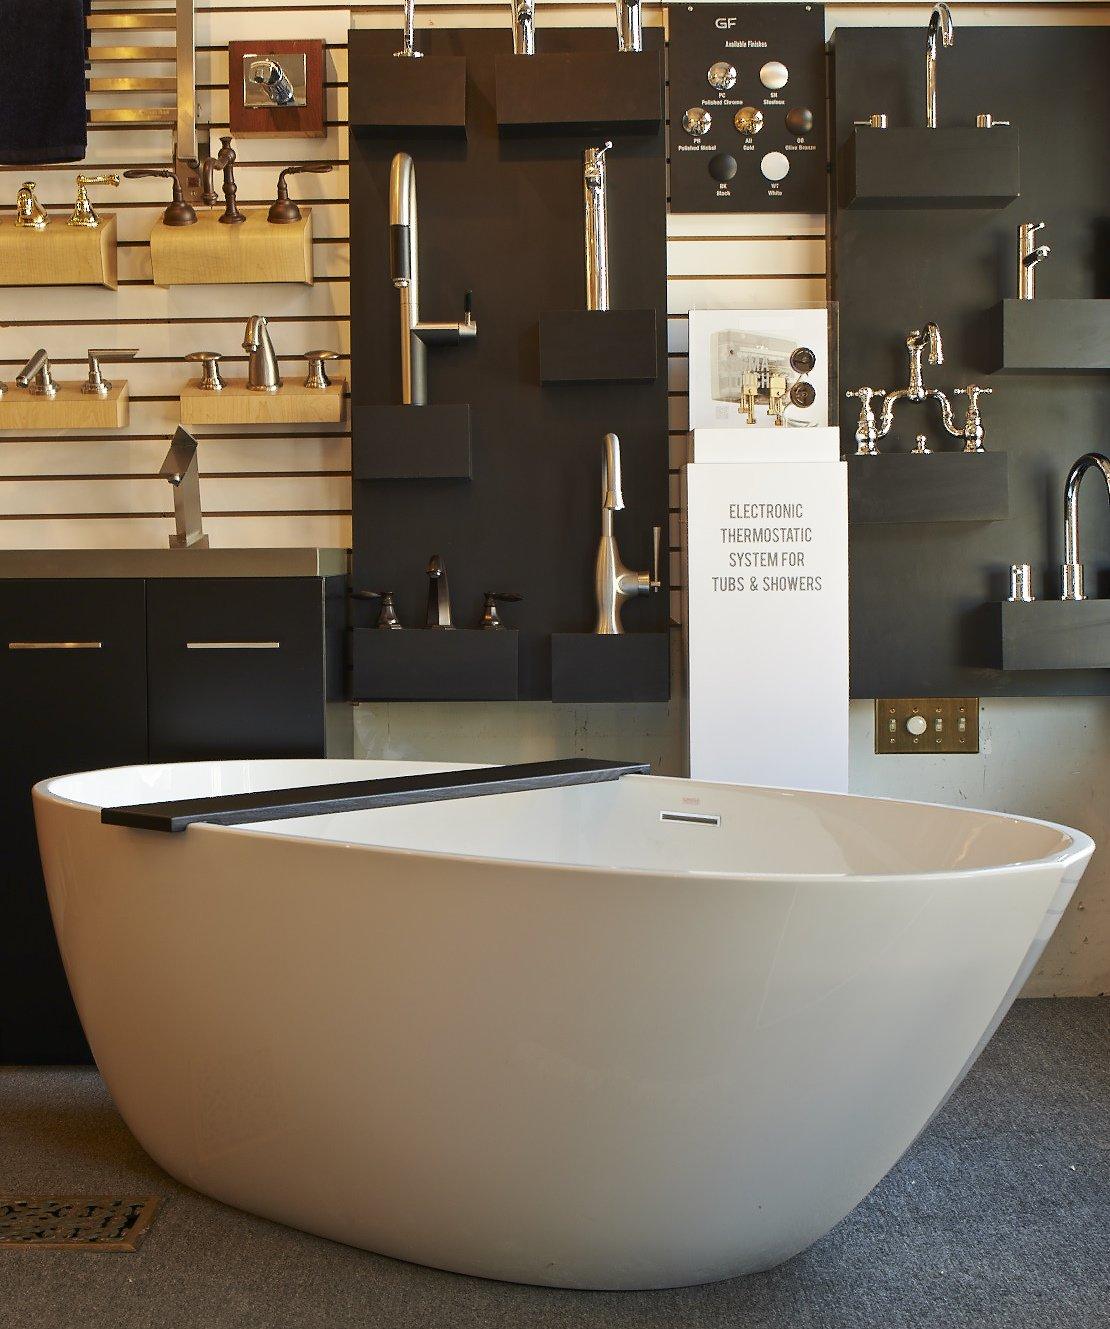 Decorative bath tub